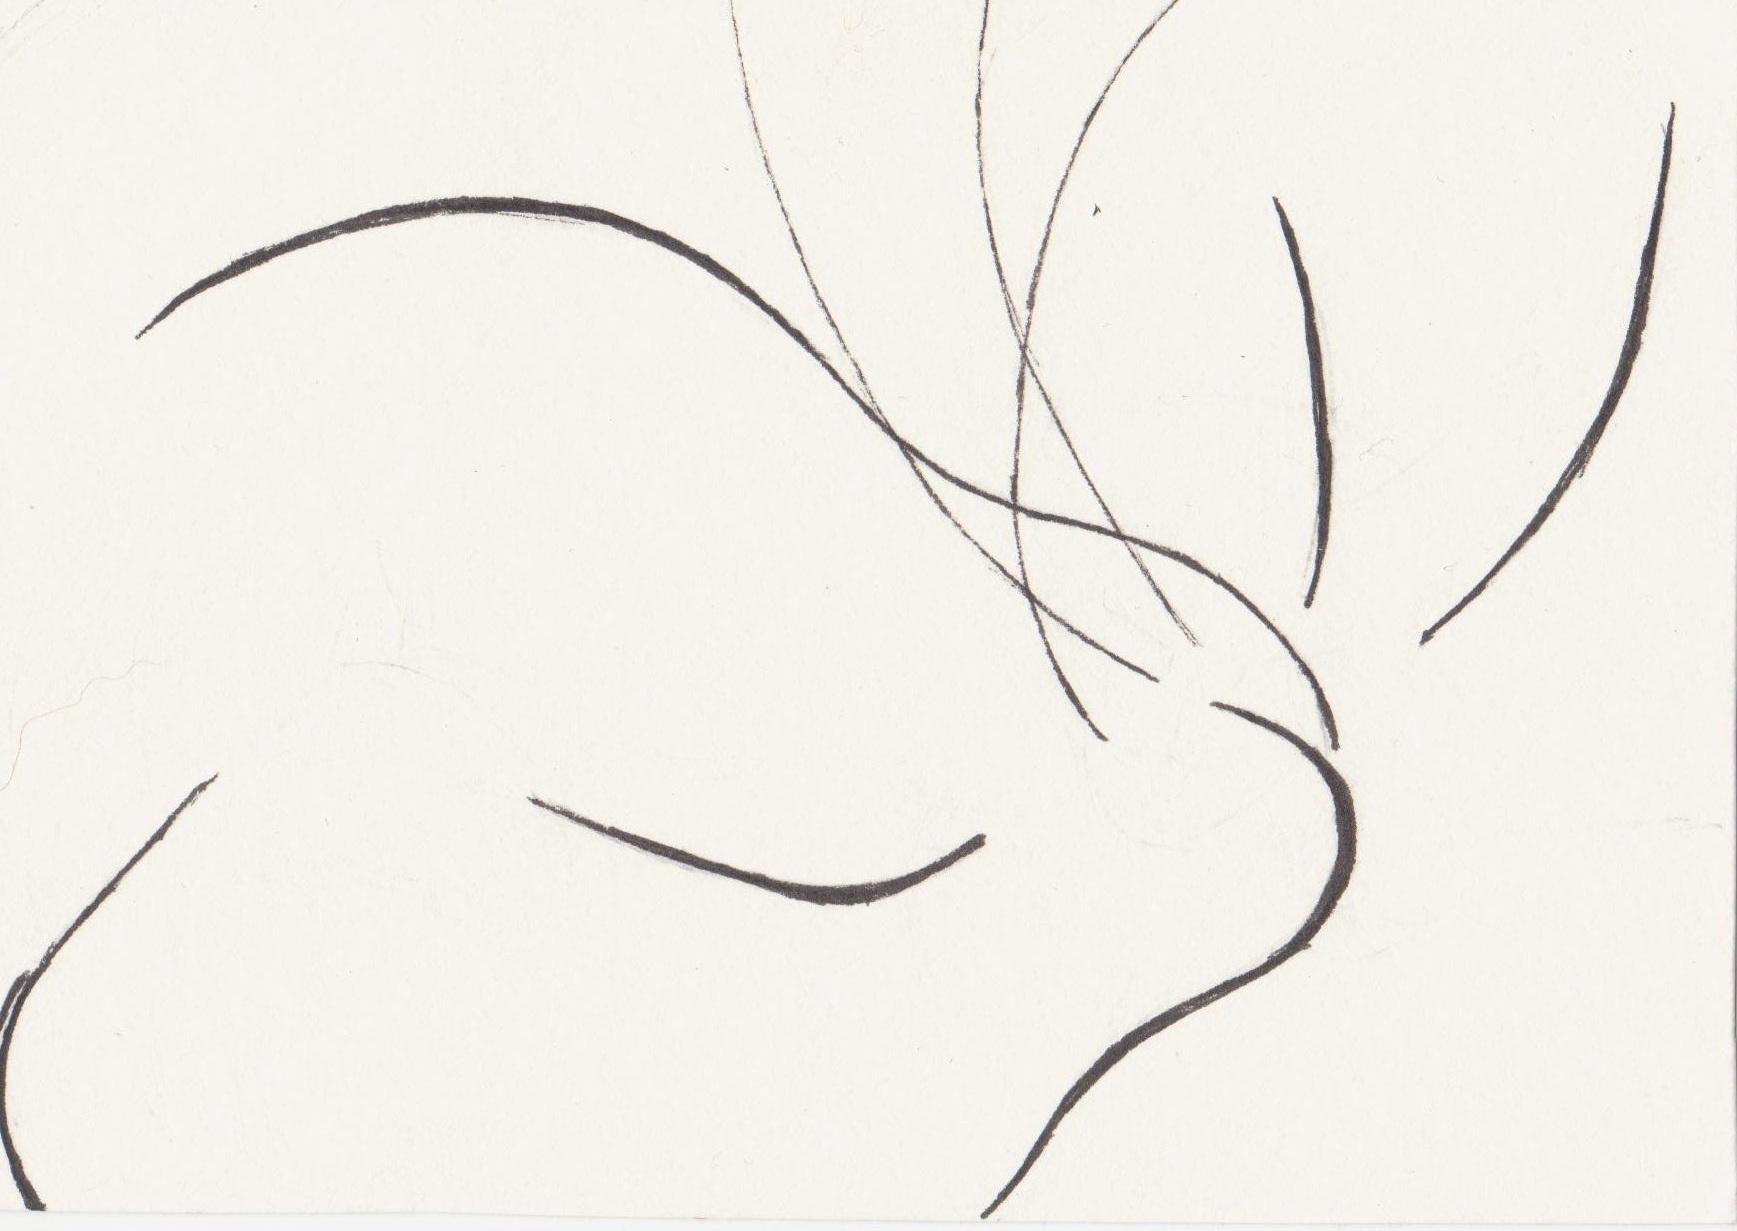 Line Art Of Cat : Line drawing karen bailey studio occasional artist